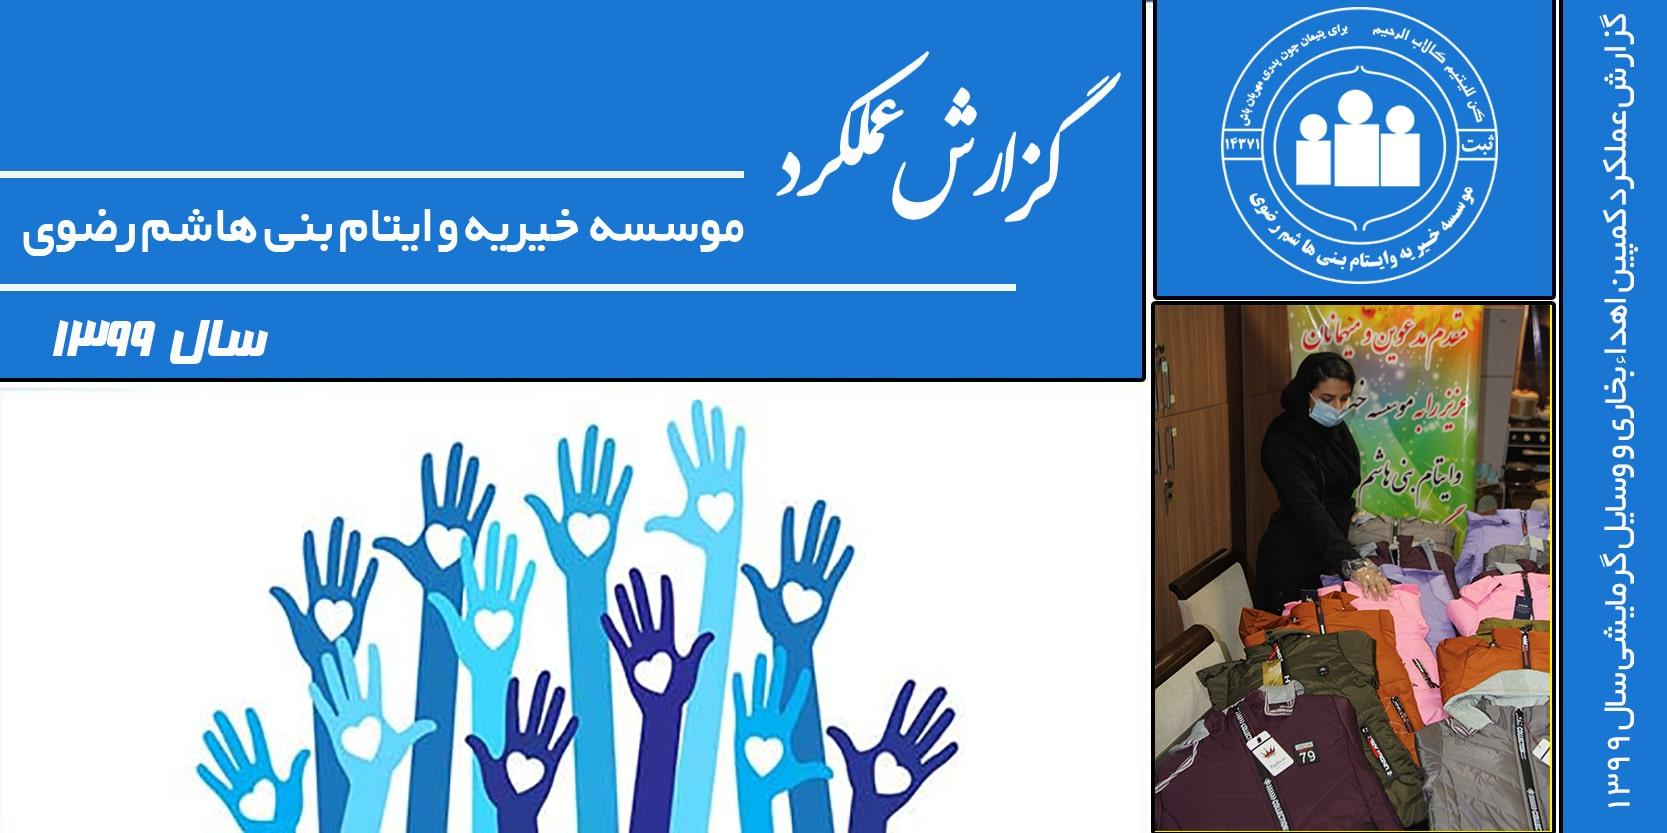 گزارش عملکرد کمپین اهداء بخاری و وسایل گرمایشی